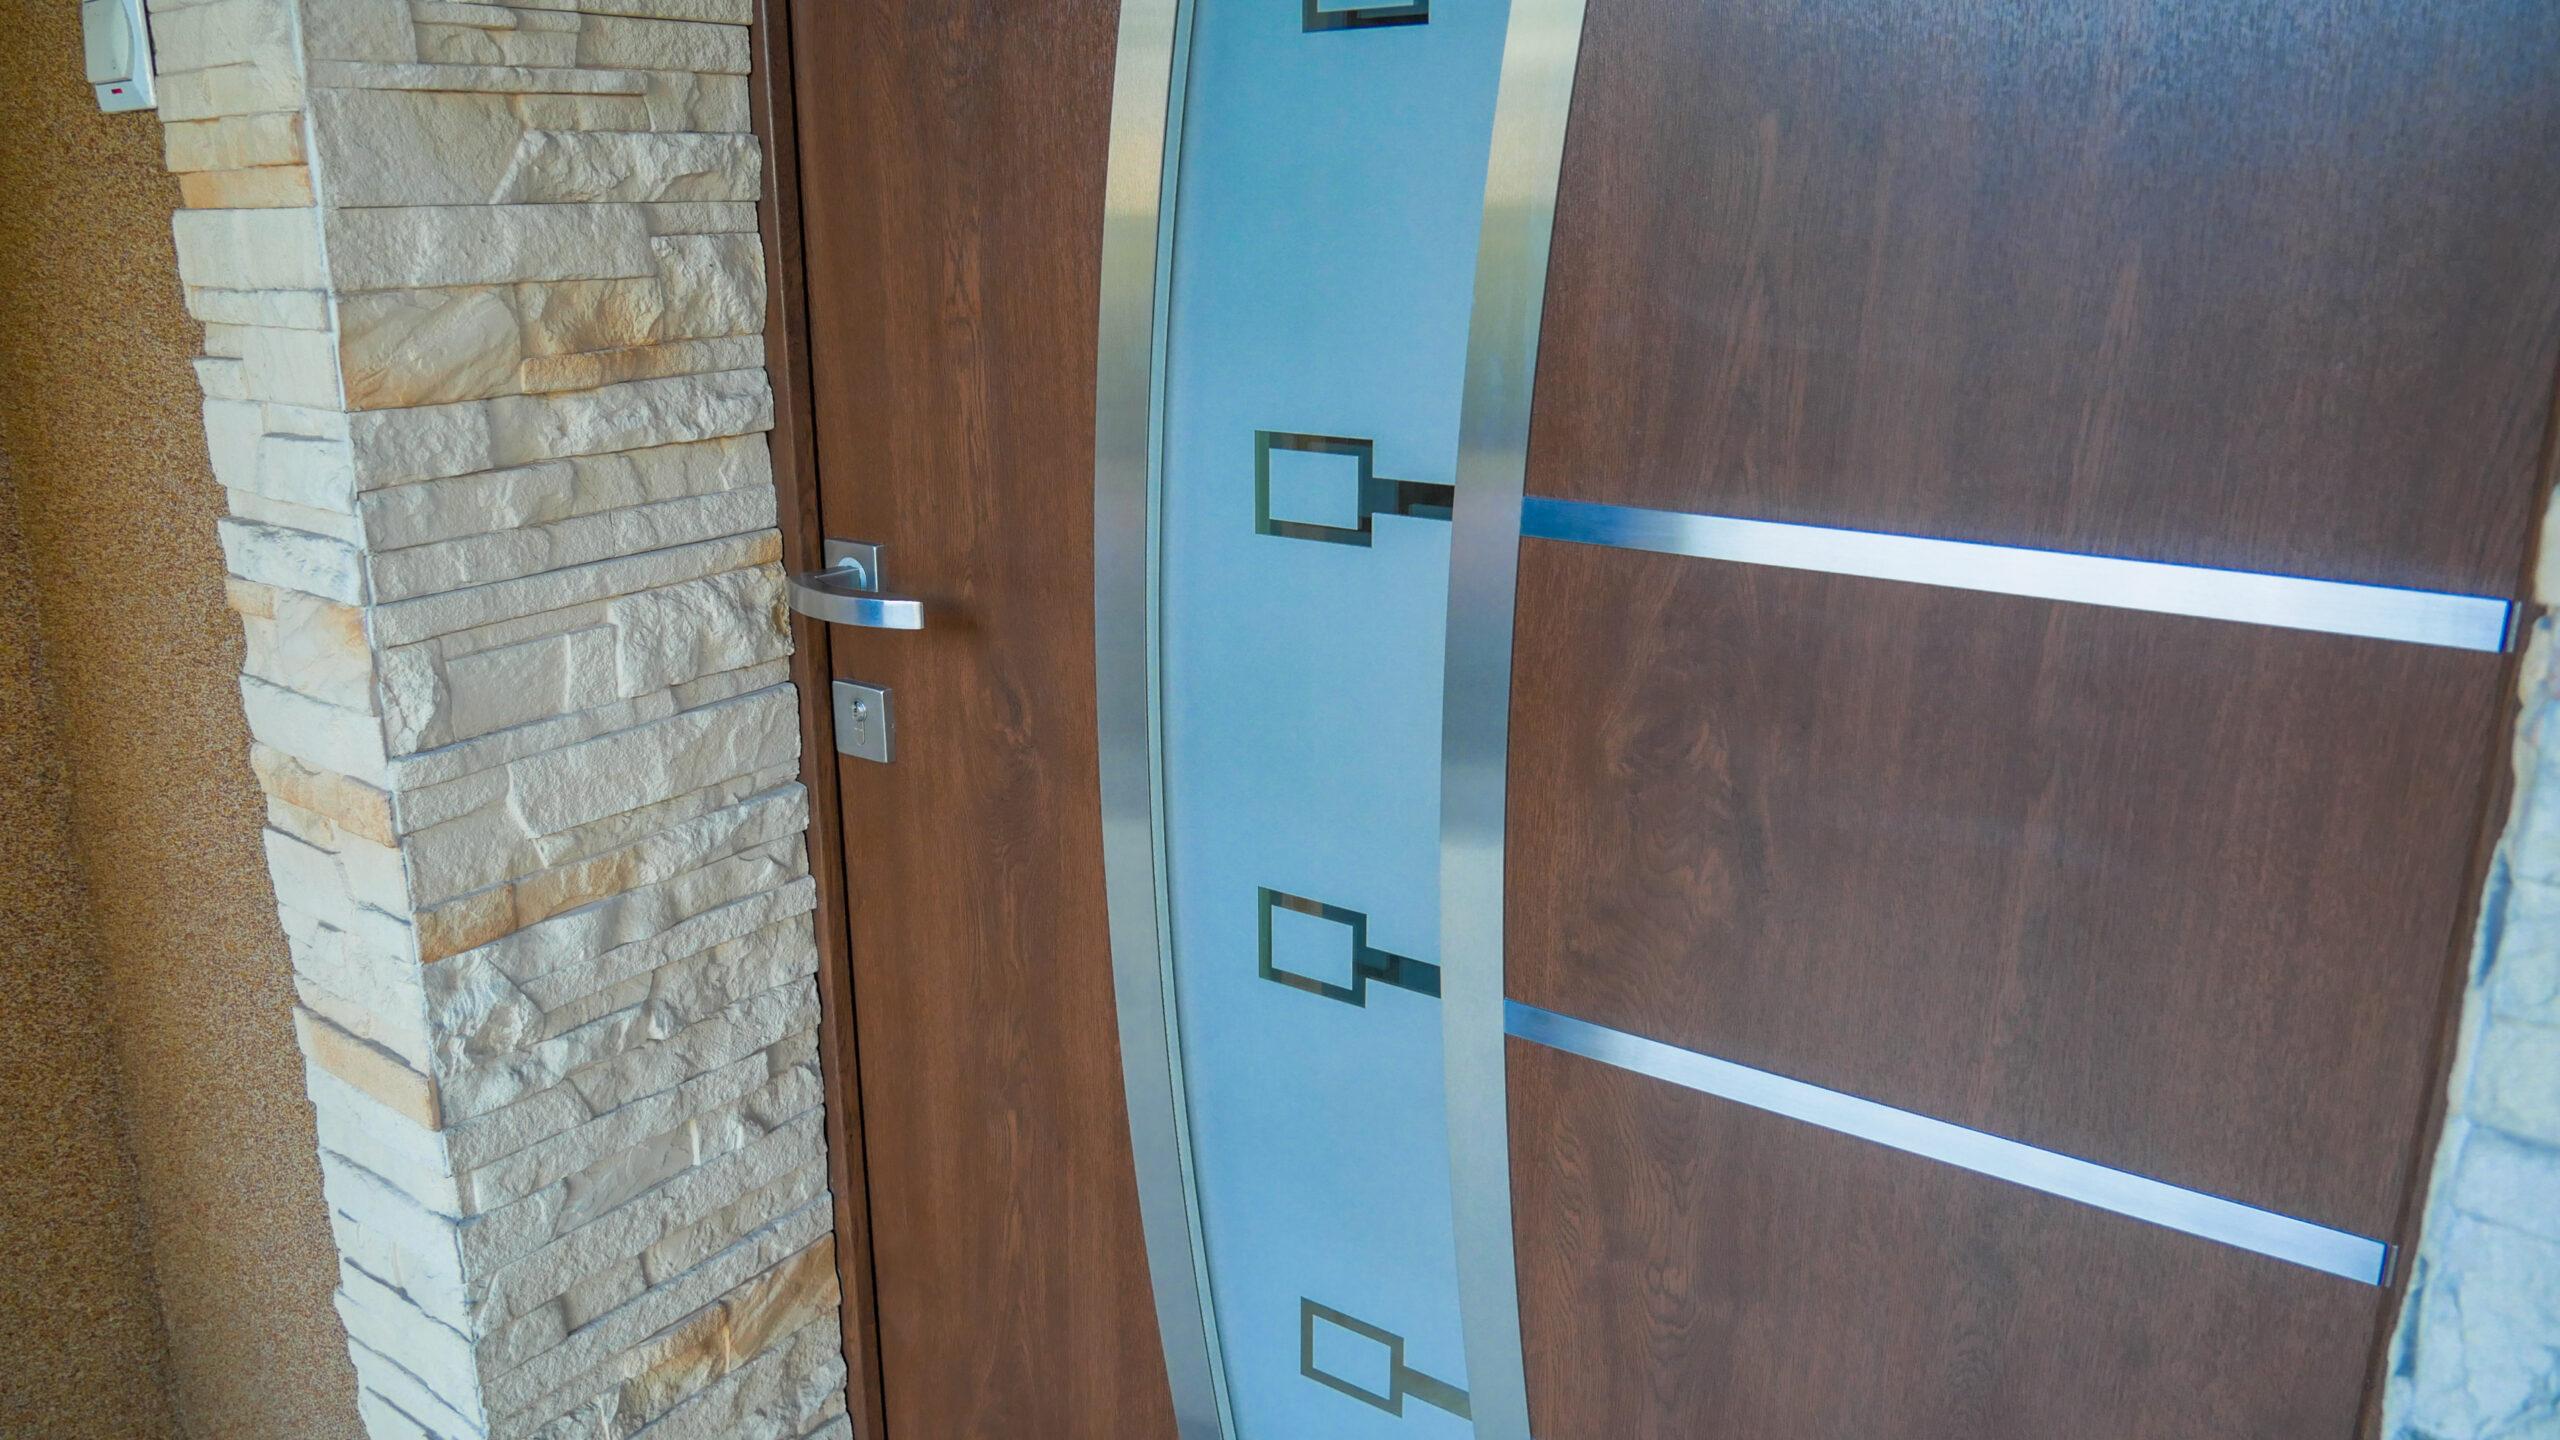 drzwi do domu molitor 6 (1 of 1)